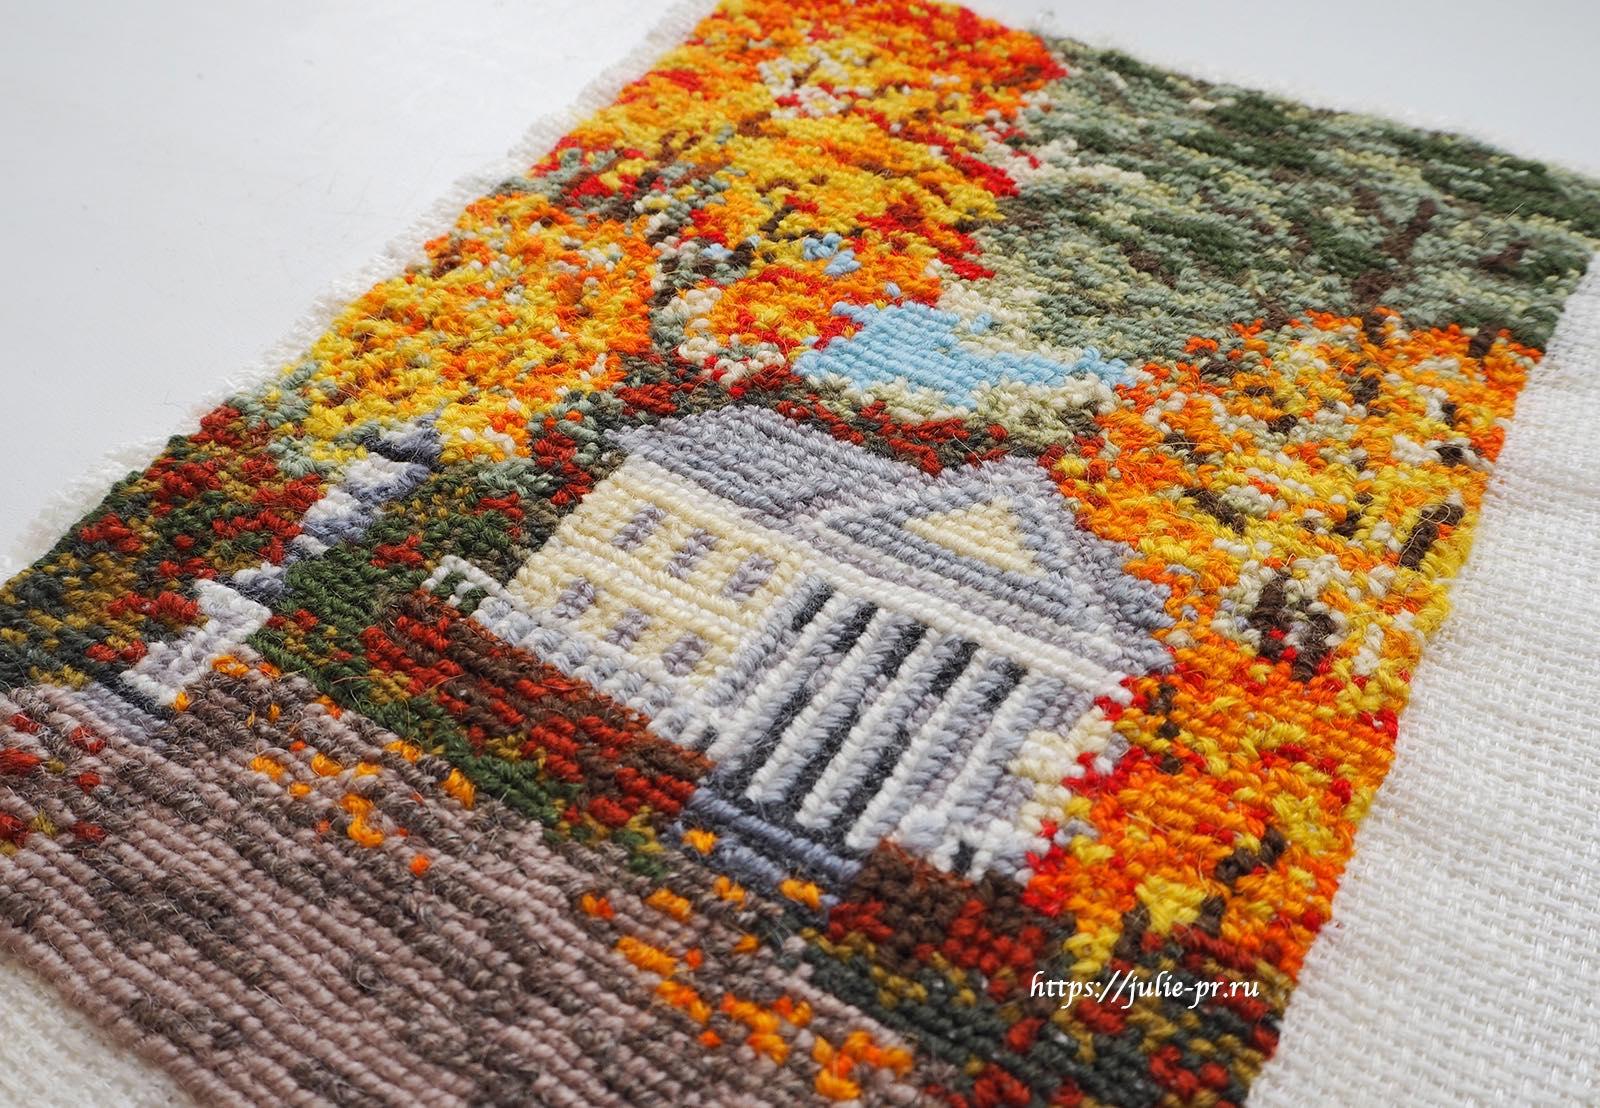 Вышивка крестом Сделай своими руками 3-20 Золотая осень